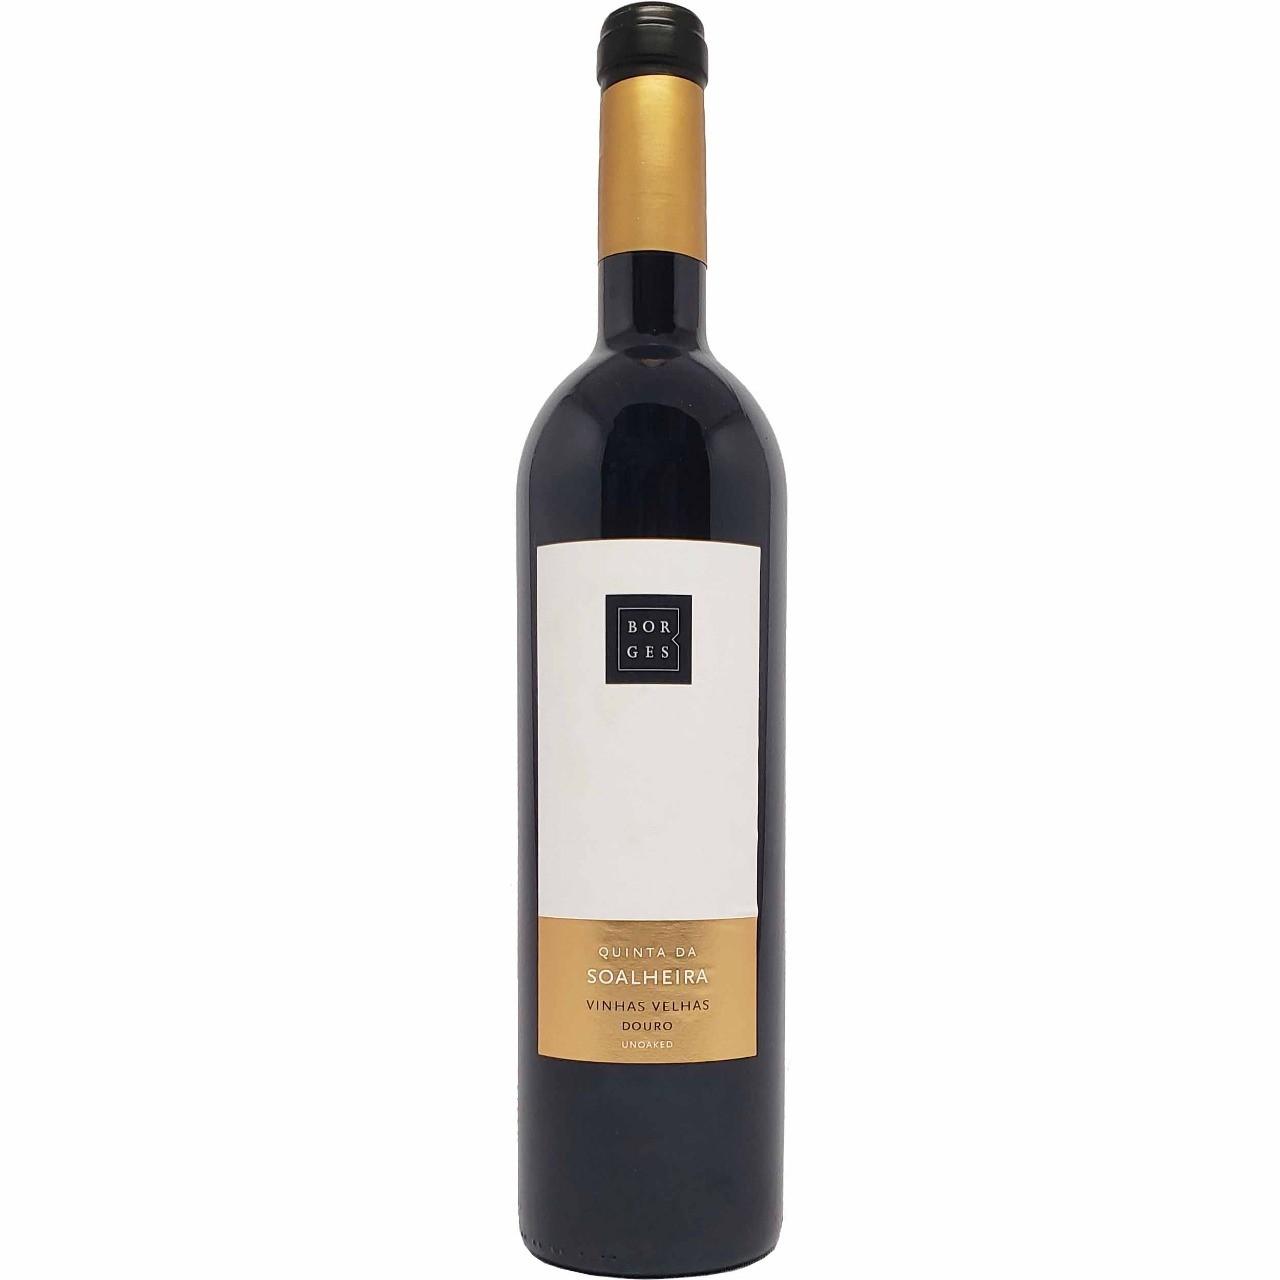 Vinho Tinto Borges Quinta da Soalheira Vinhas Velhas Douro - 750ml -